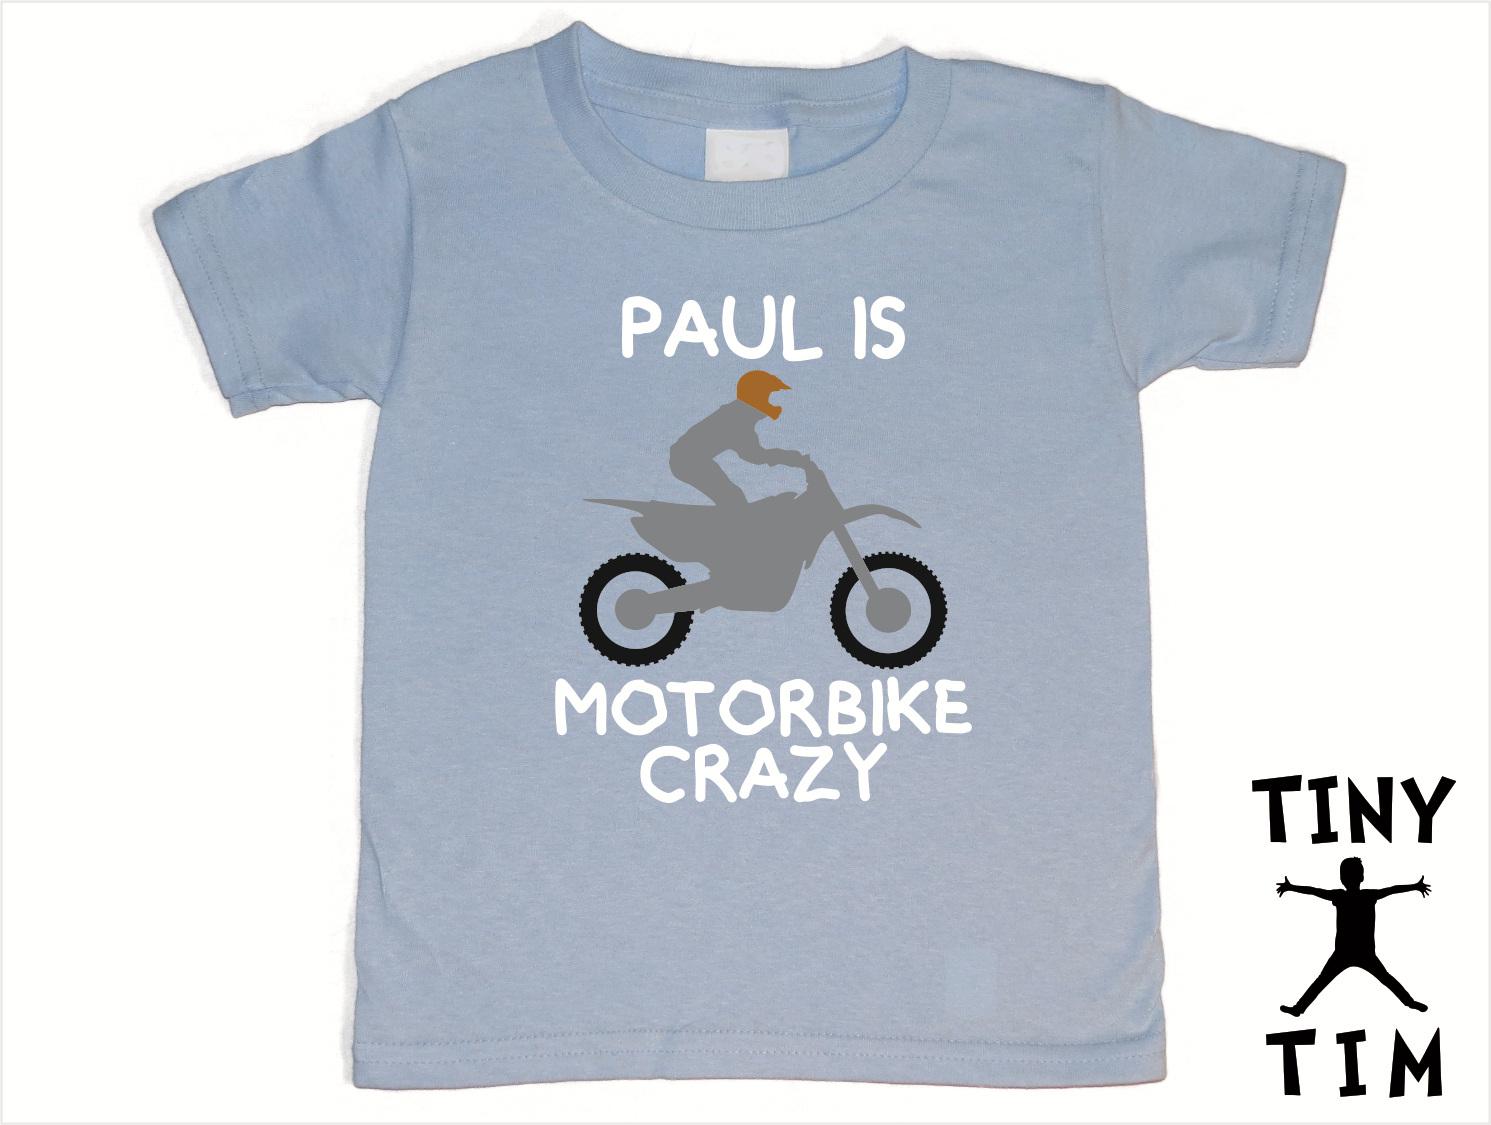 538922f6a0 Order Printed Tee Shirts